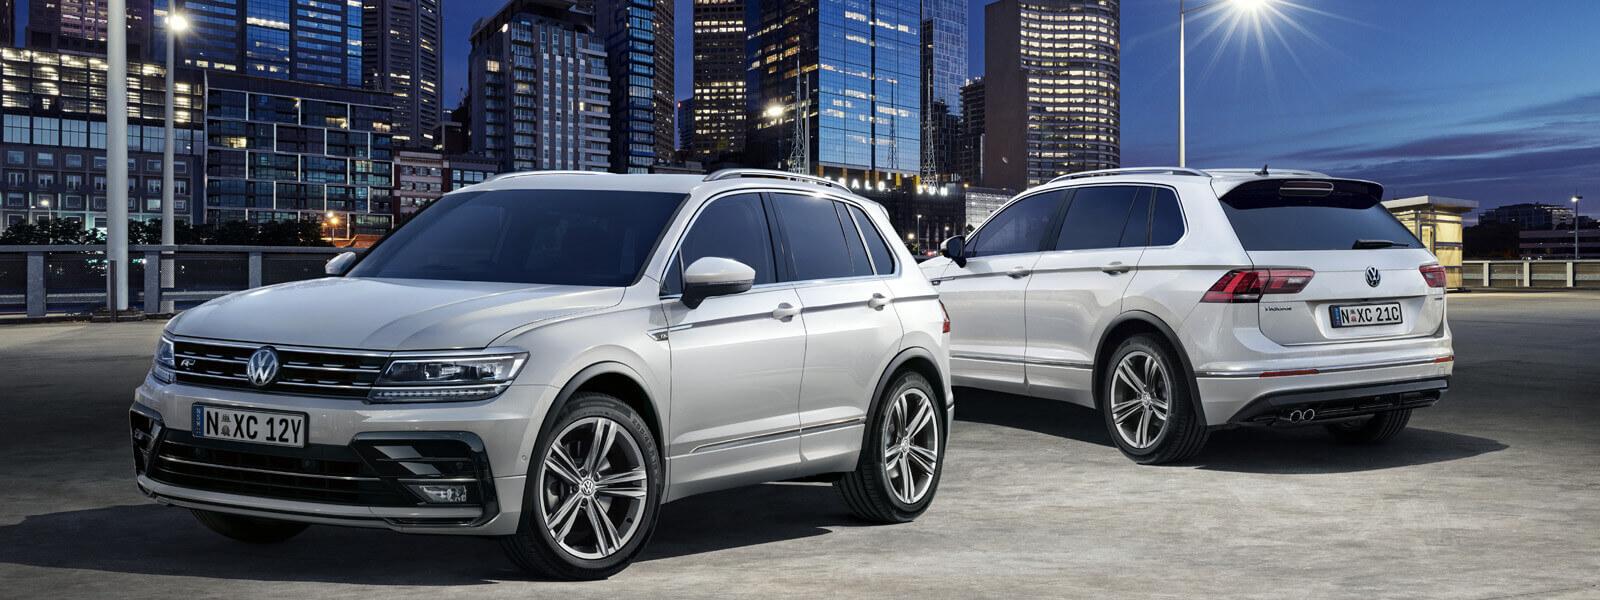 New Volkswagen Tiguan for sale - Leichhardt Volkswagen